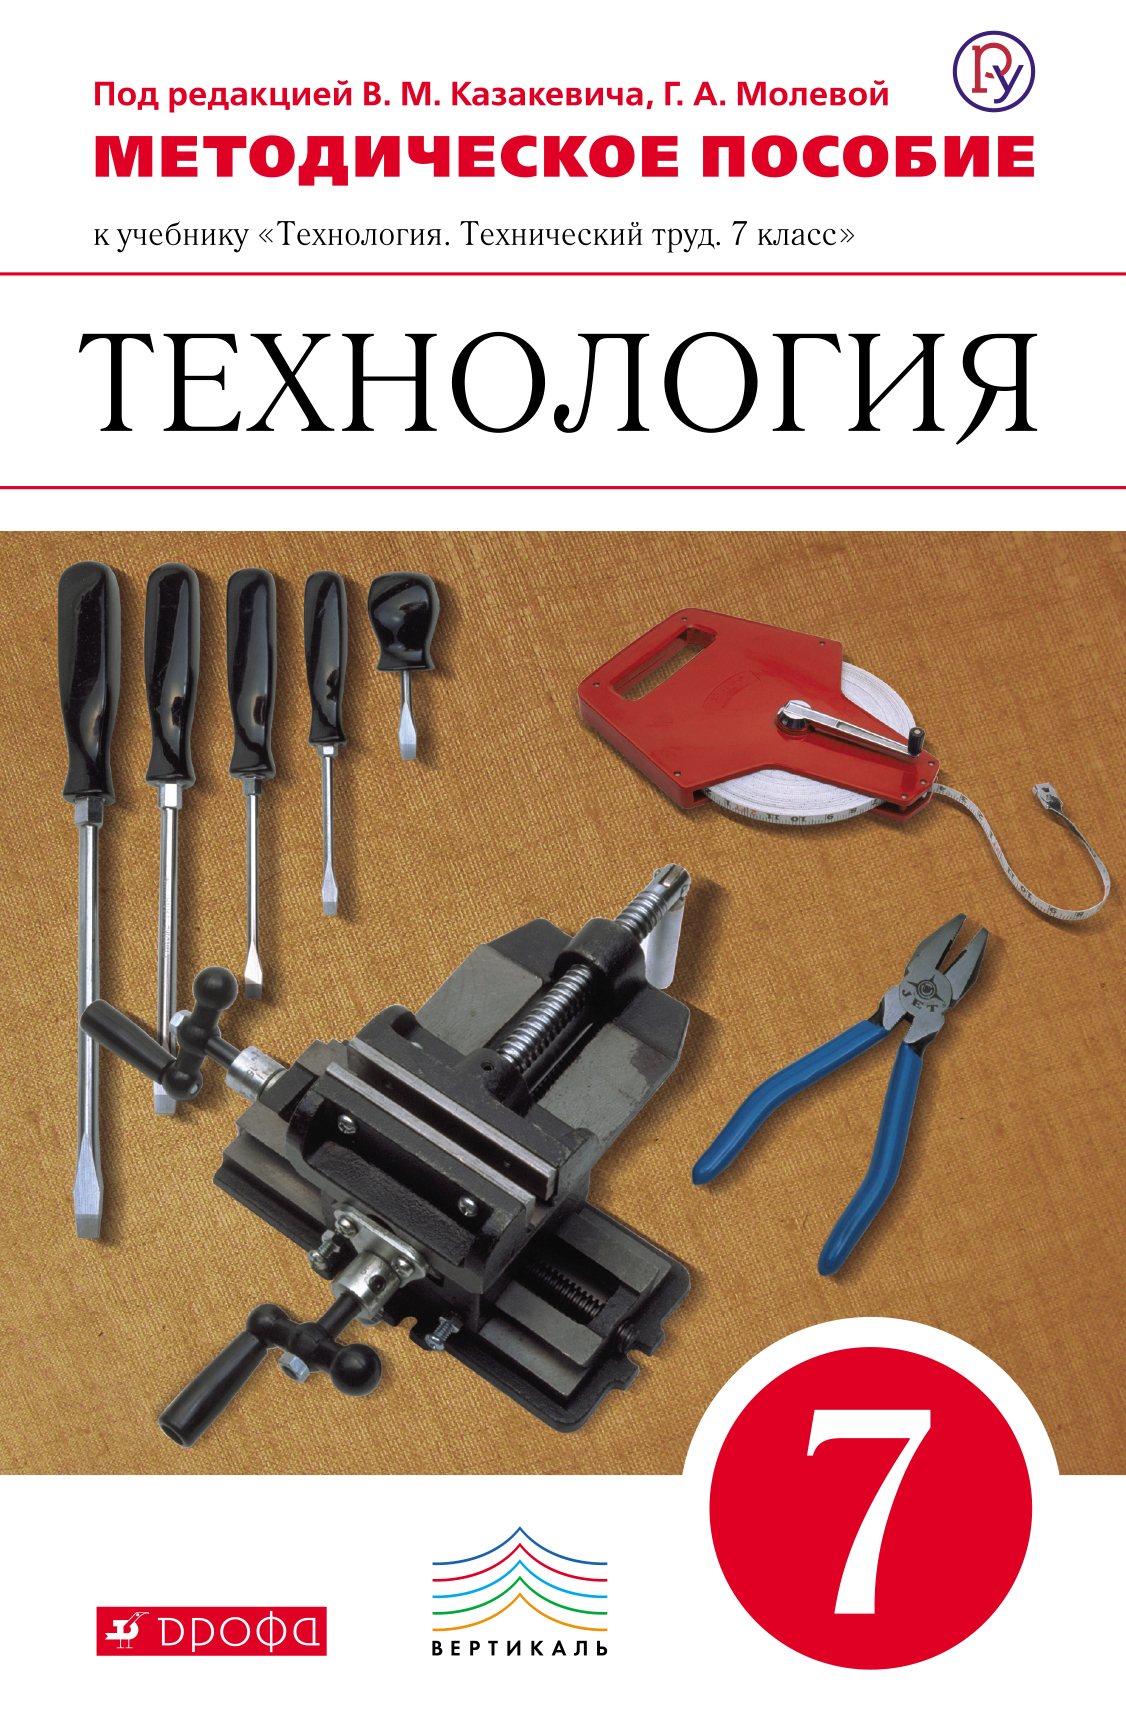 Коллекти аторо Методическое пособие к учебнику «Технология. труд. 7 класс»